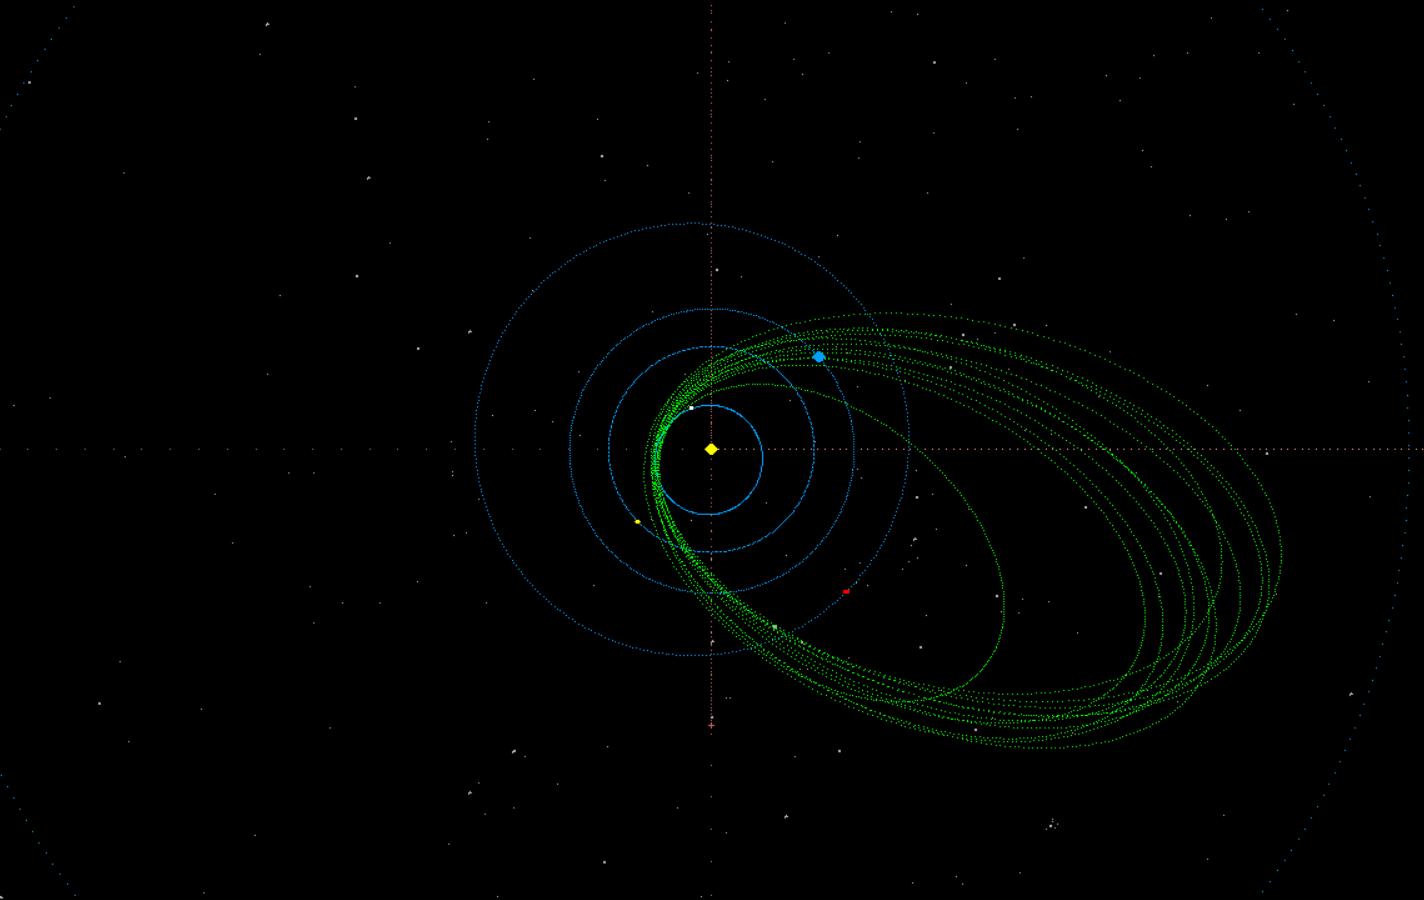 Obr. 4: Střední dráhy všech 13 meteorických rojů, které jsou uvedeny v tabulce 1 a jejichž dráhové elementy jsou velmi podobné (DD < 0,15) dráhovým elementům hlavních rojů komplexu (002 STA a 017 NTA). Autor: Jakub Koukal